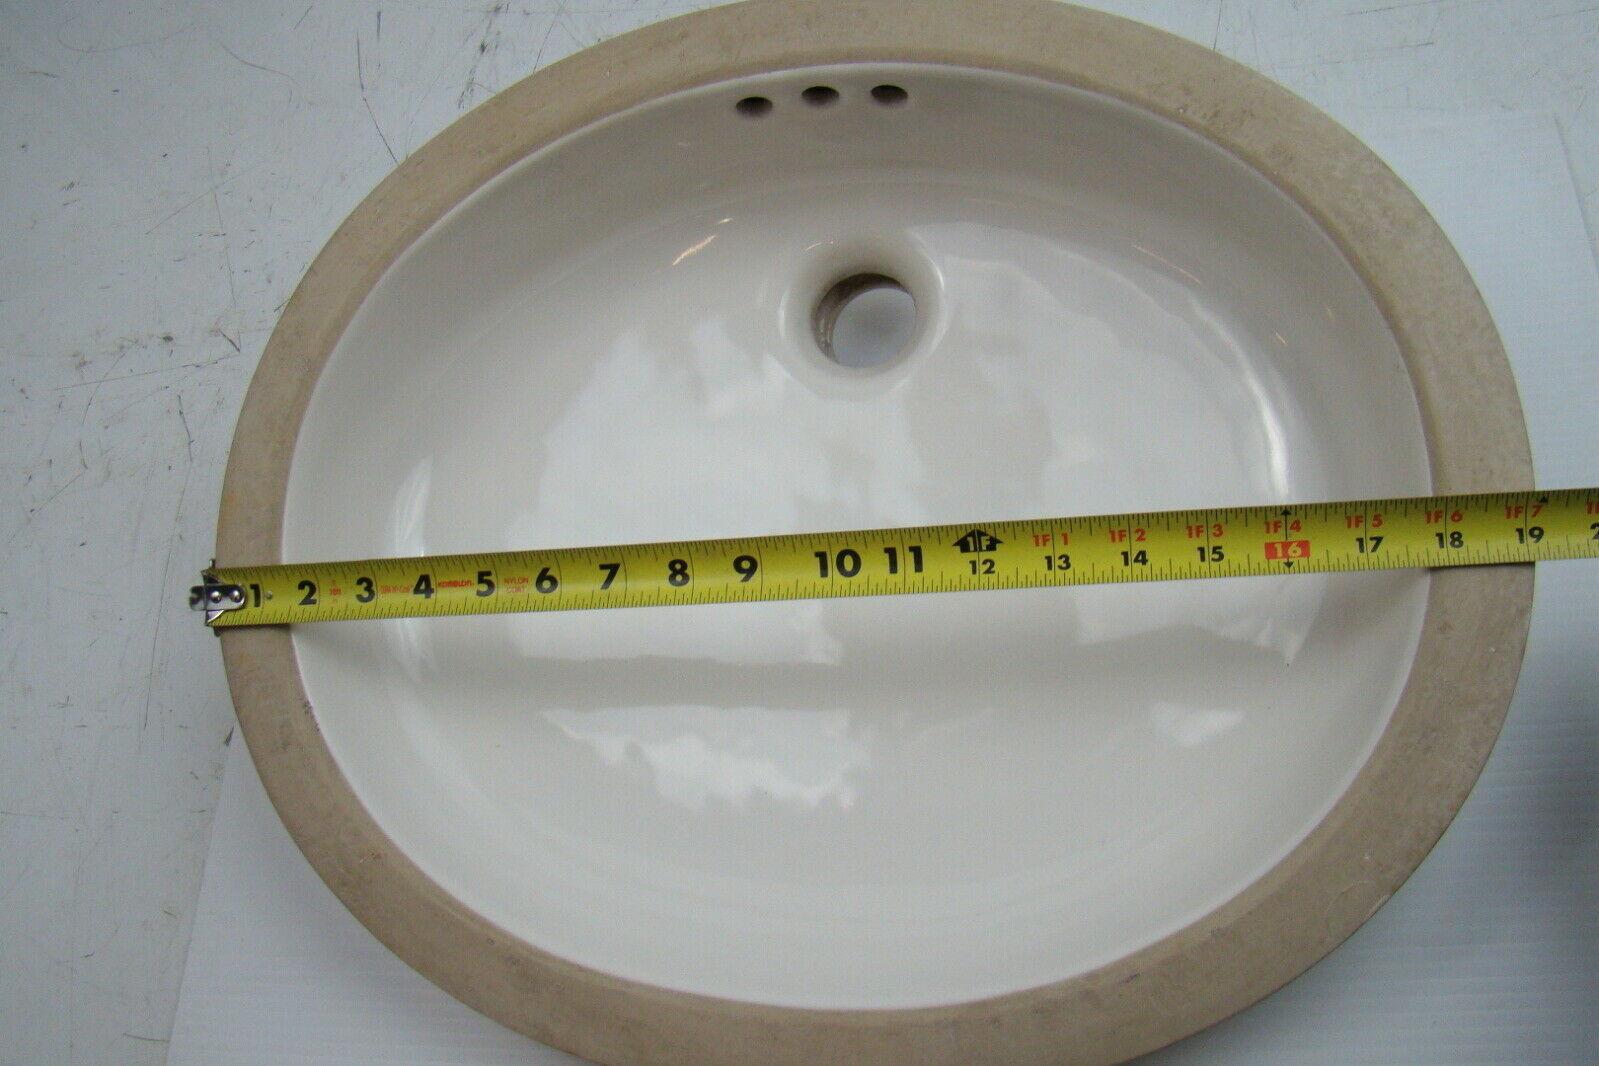 ... American Standard Ovalyn White Undercounter Sink 9482000.020 ...